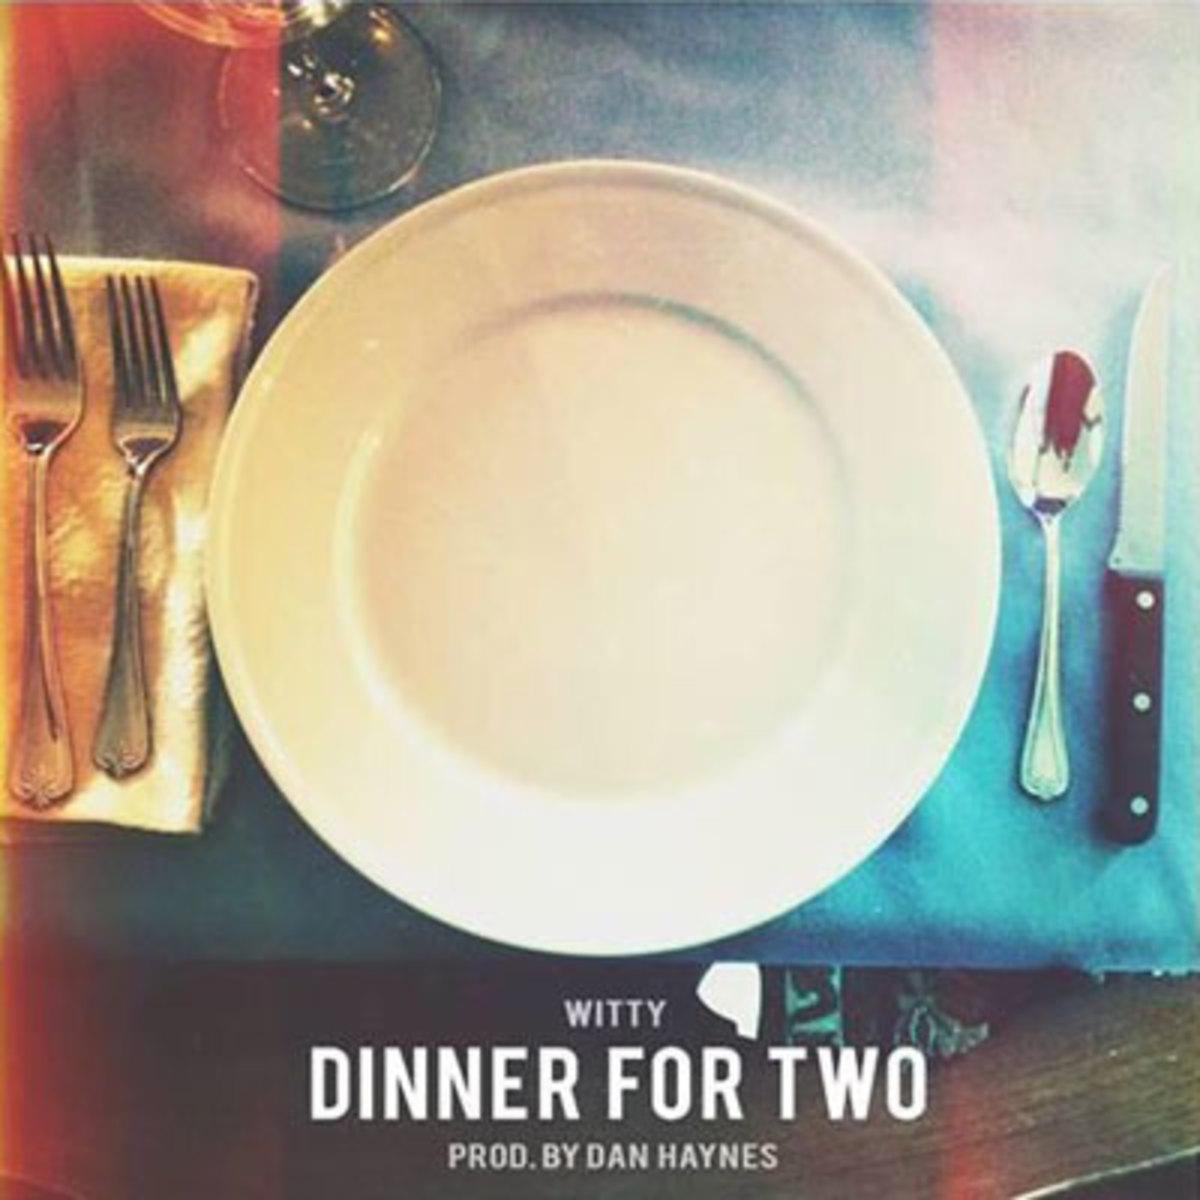 witty-dinnerfor2.jpg